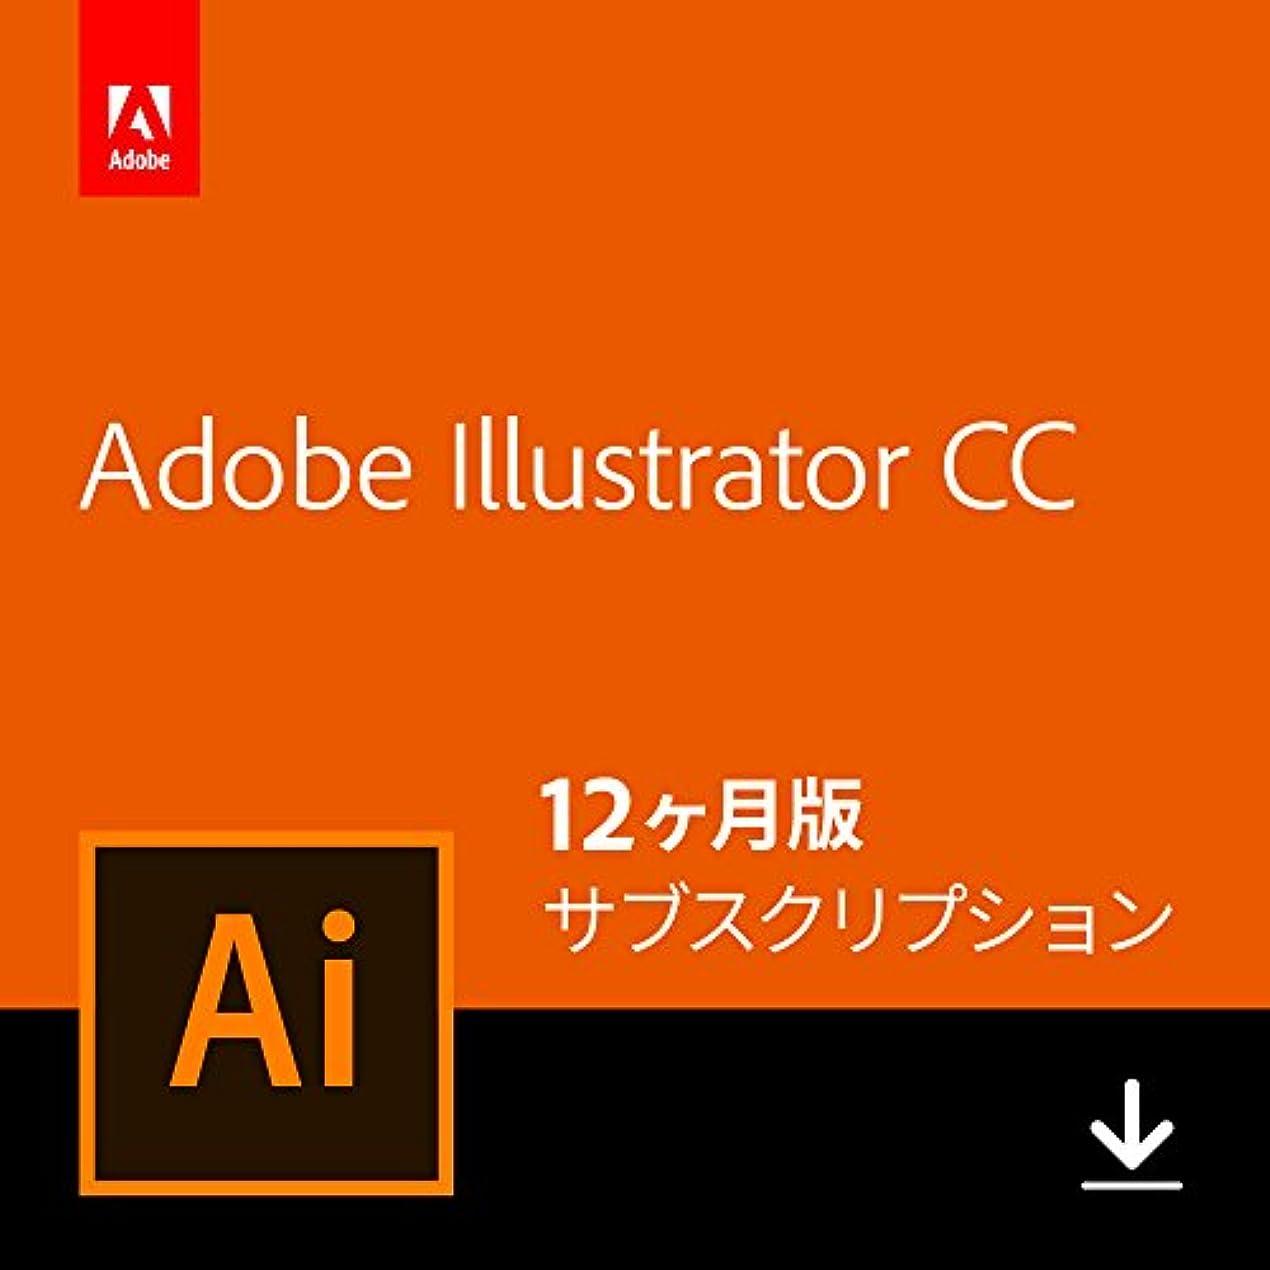 記念碑暗殺する地下鉄Adobe Illustrator CC|12か月版|Windows/Mac対応|オンラインコード版